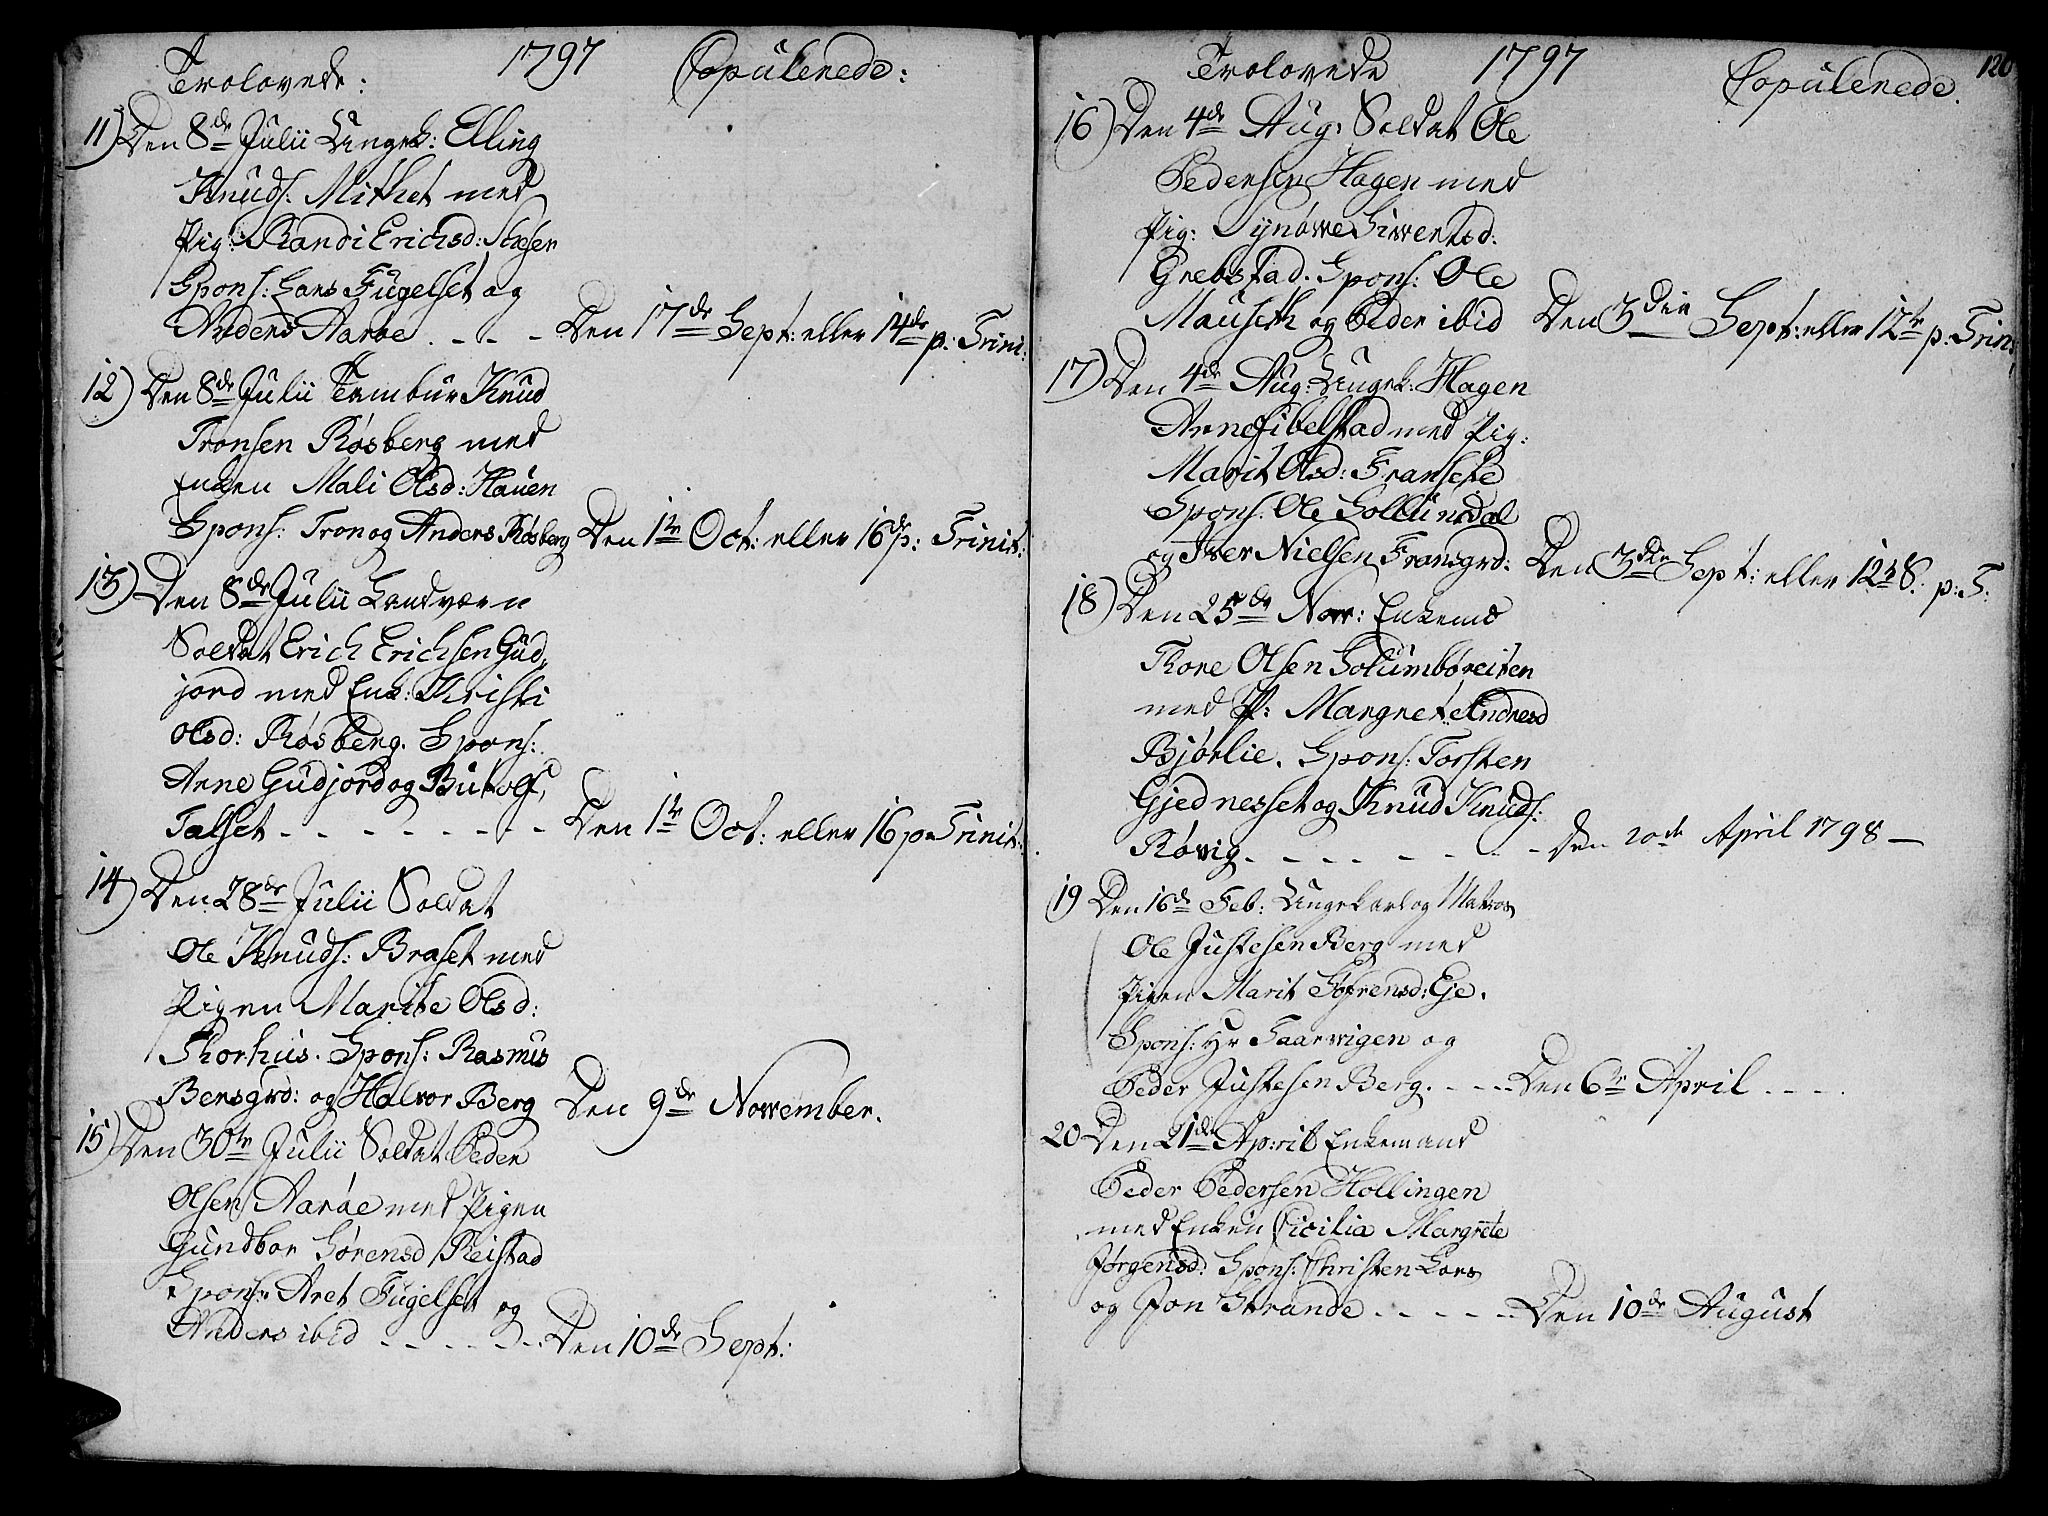 SAT, Ministerialprotokoller, klokkerbøker og fødselsregistre - Møre og Romsdal, 555/L0649: Ministerialbok nr. 555A02 /1, 1795-1821, s. 120